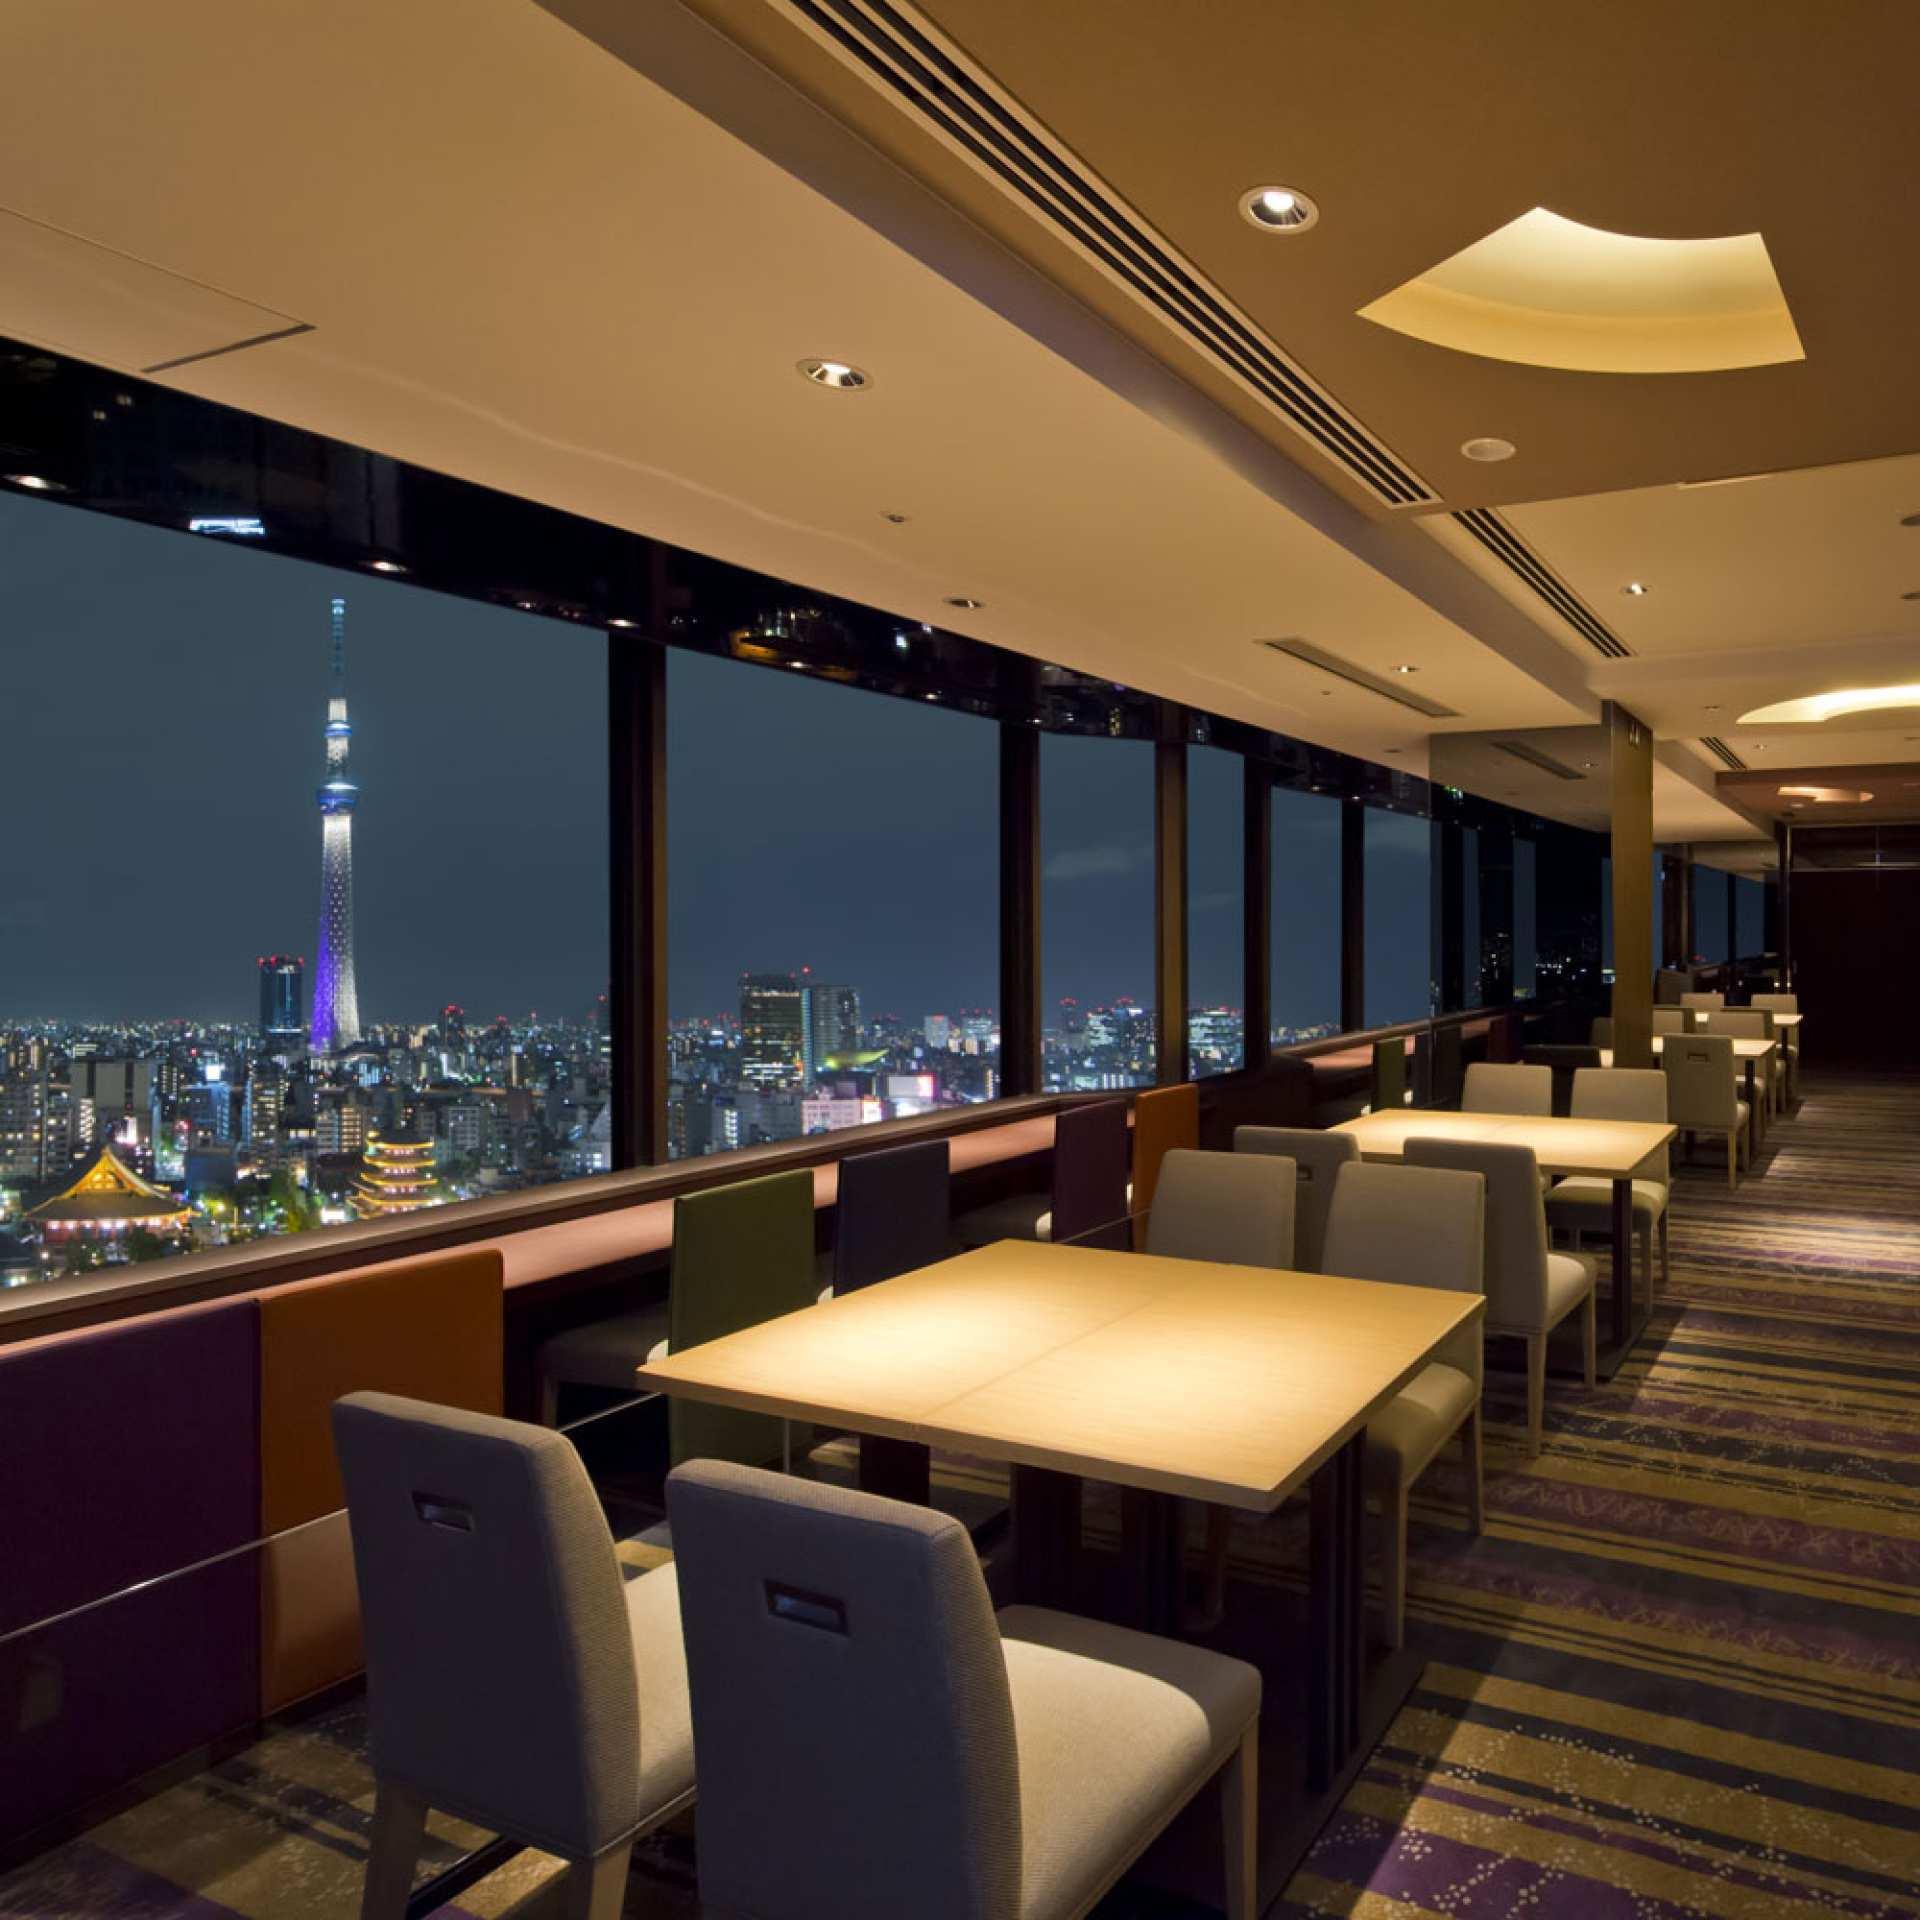 【東京】浅草ビューホテル・スカイグリルブッフェ武藏:お食事クーポン